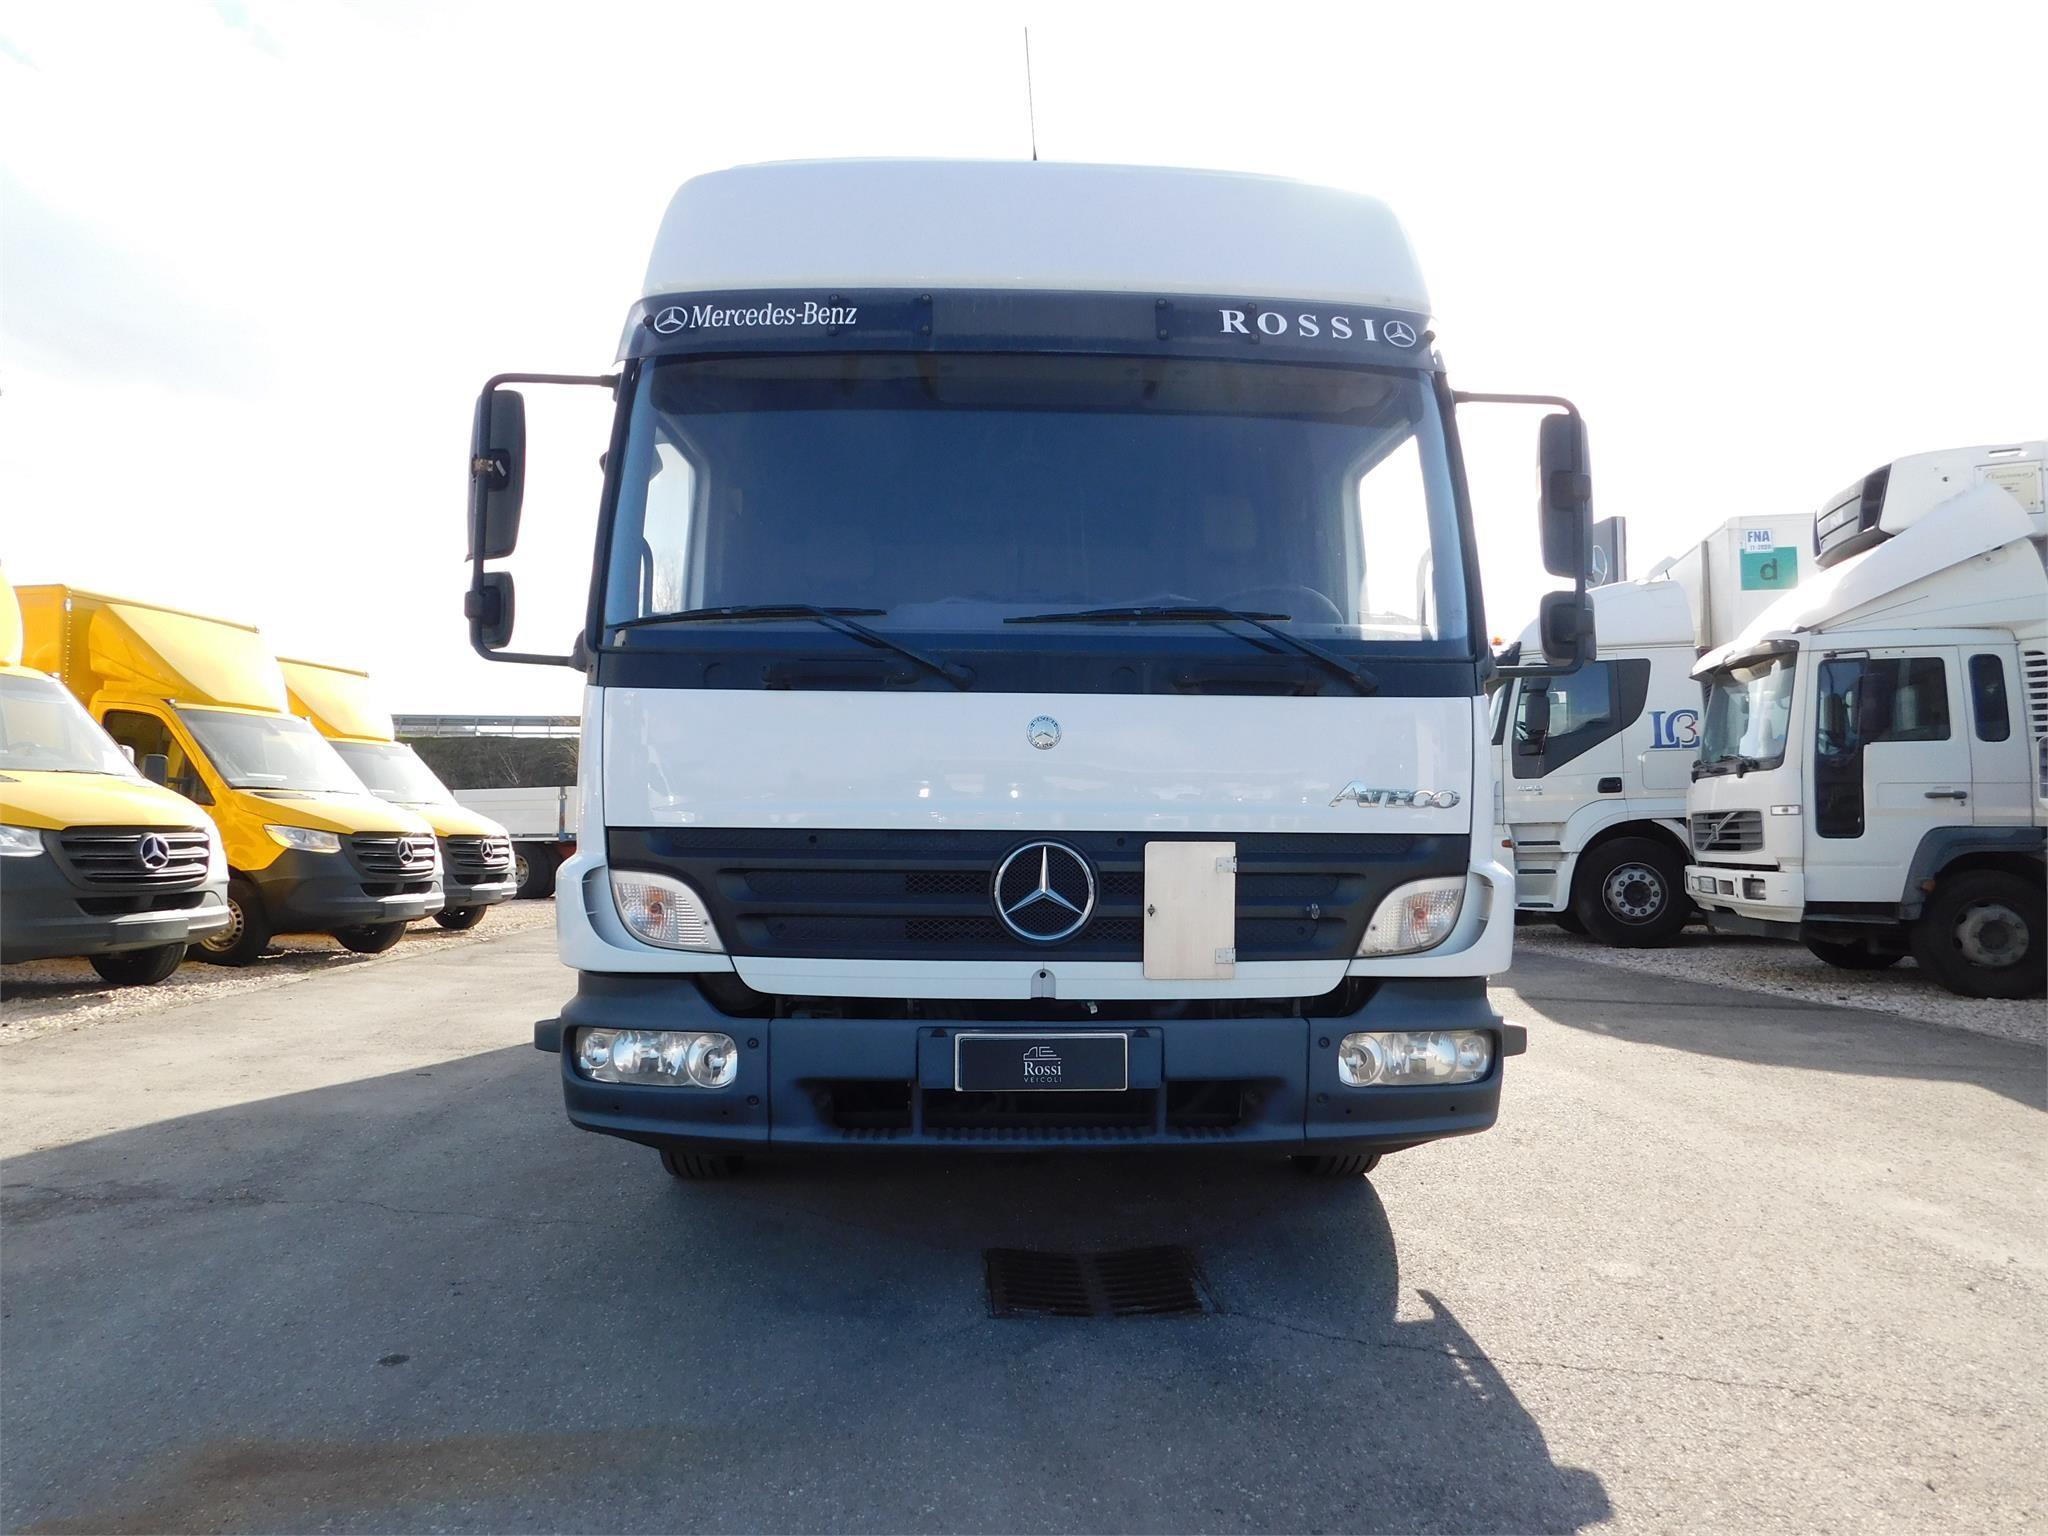 Mercedes-Benz ATEGO 818 Usagé